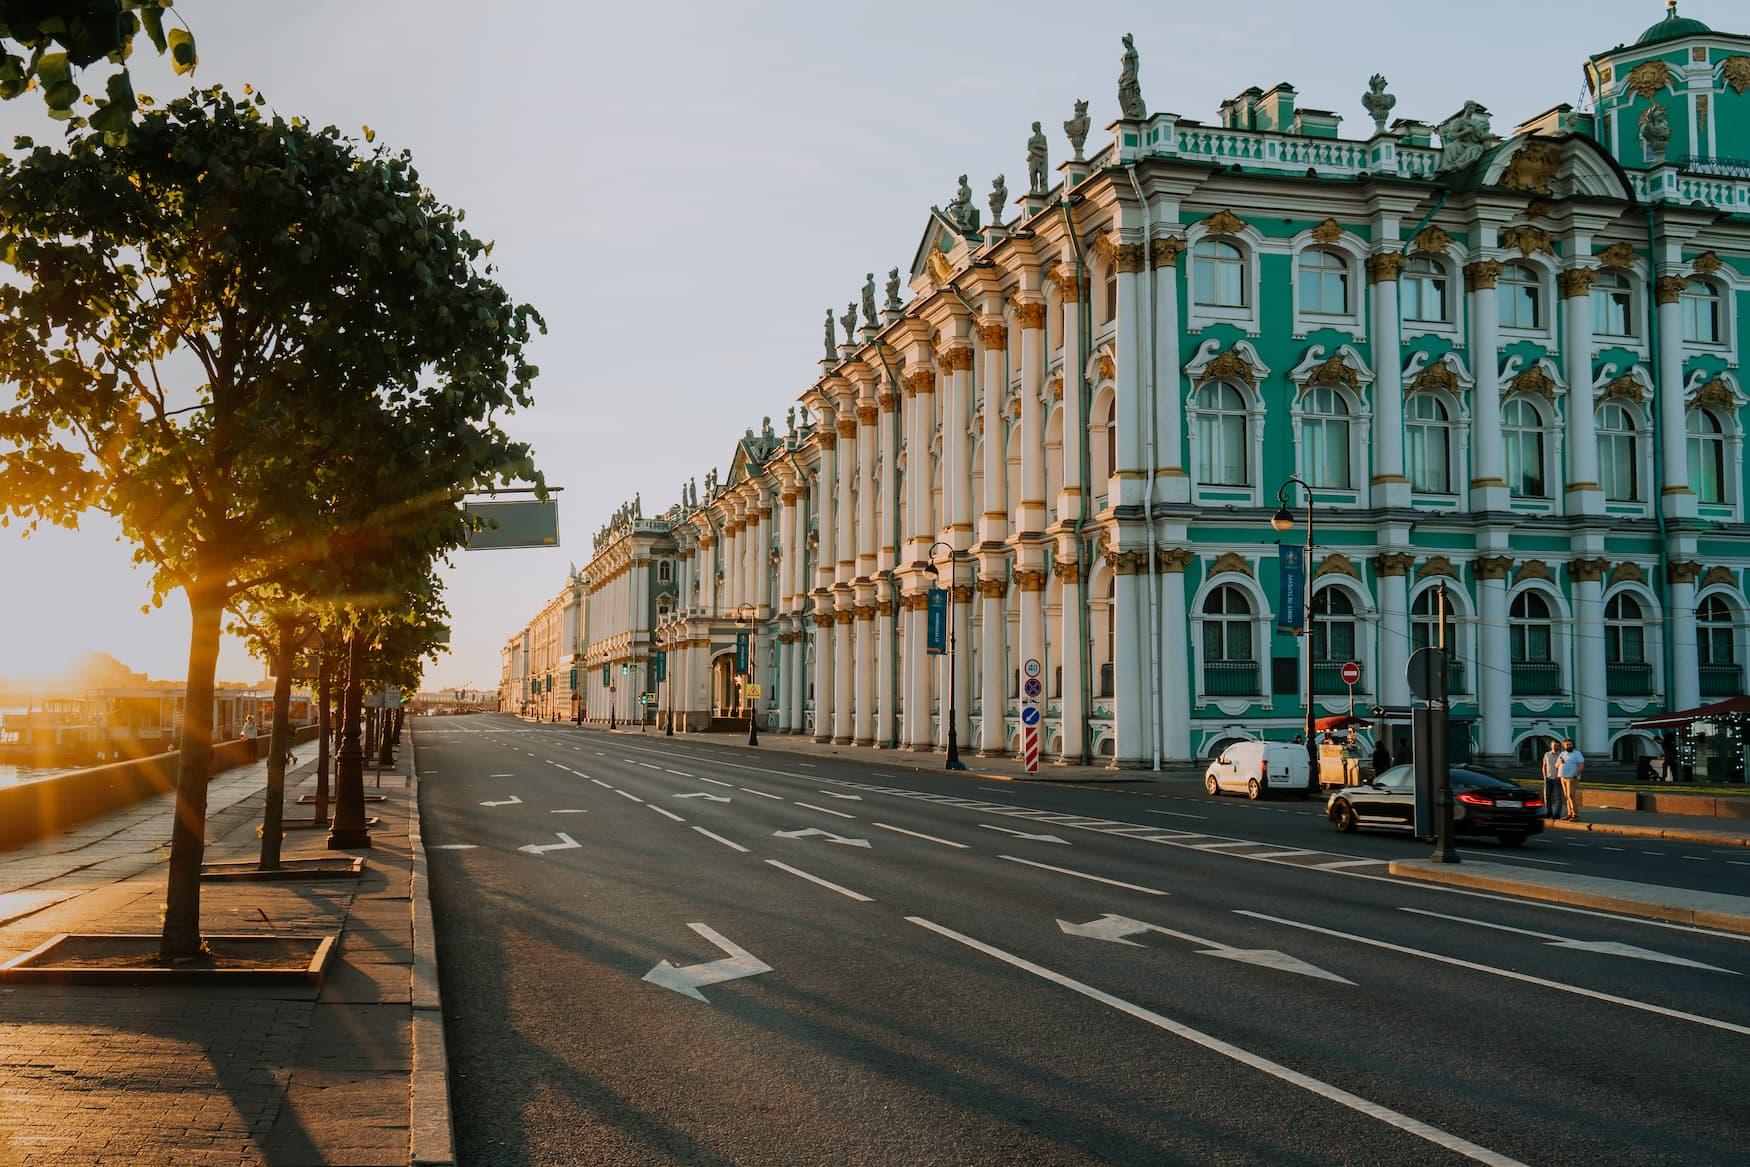 Unsere St. Petersburg Tipps: Ein Besuch in der Ermitage